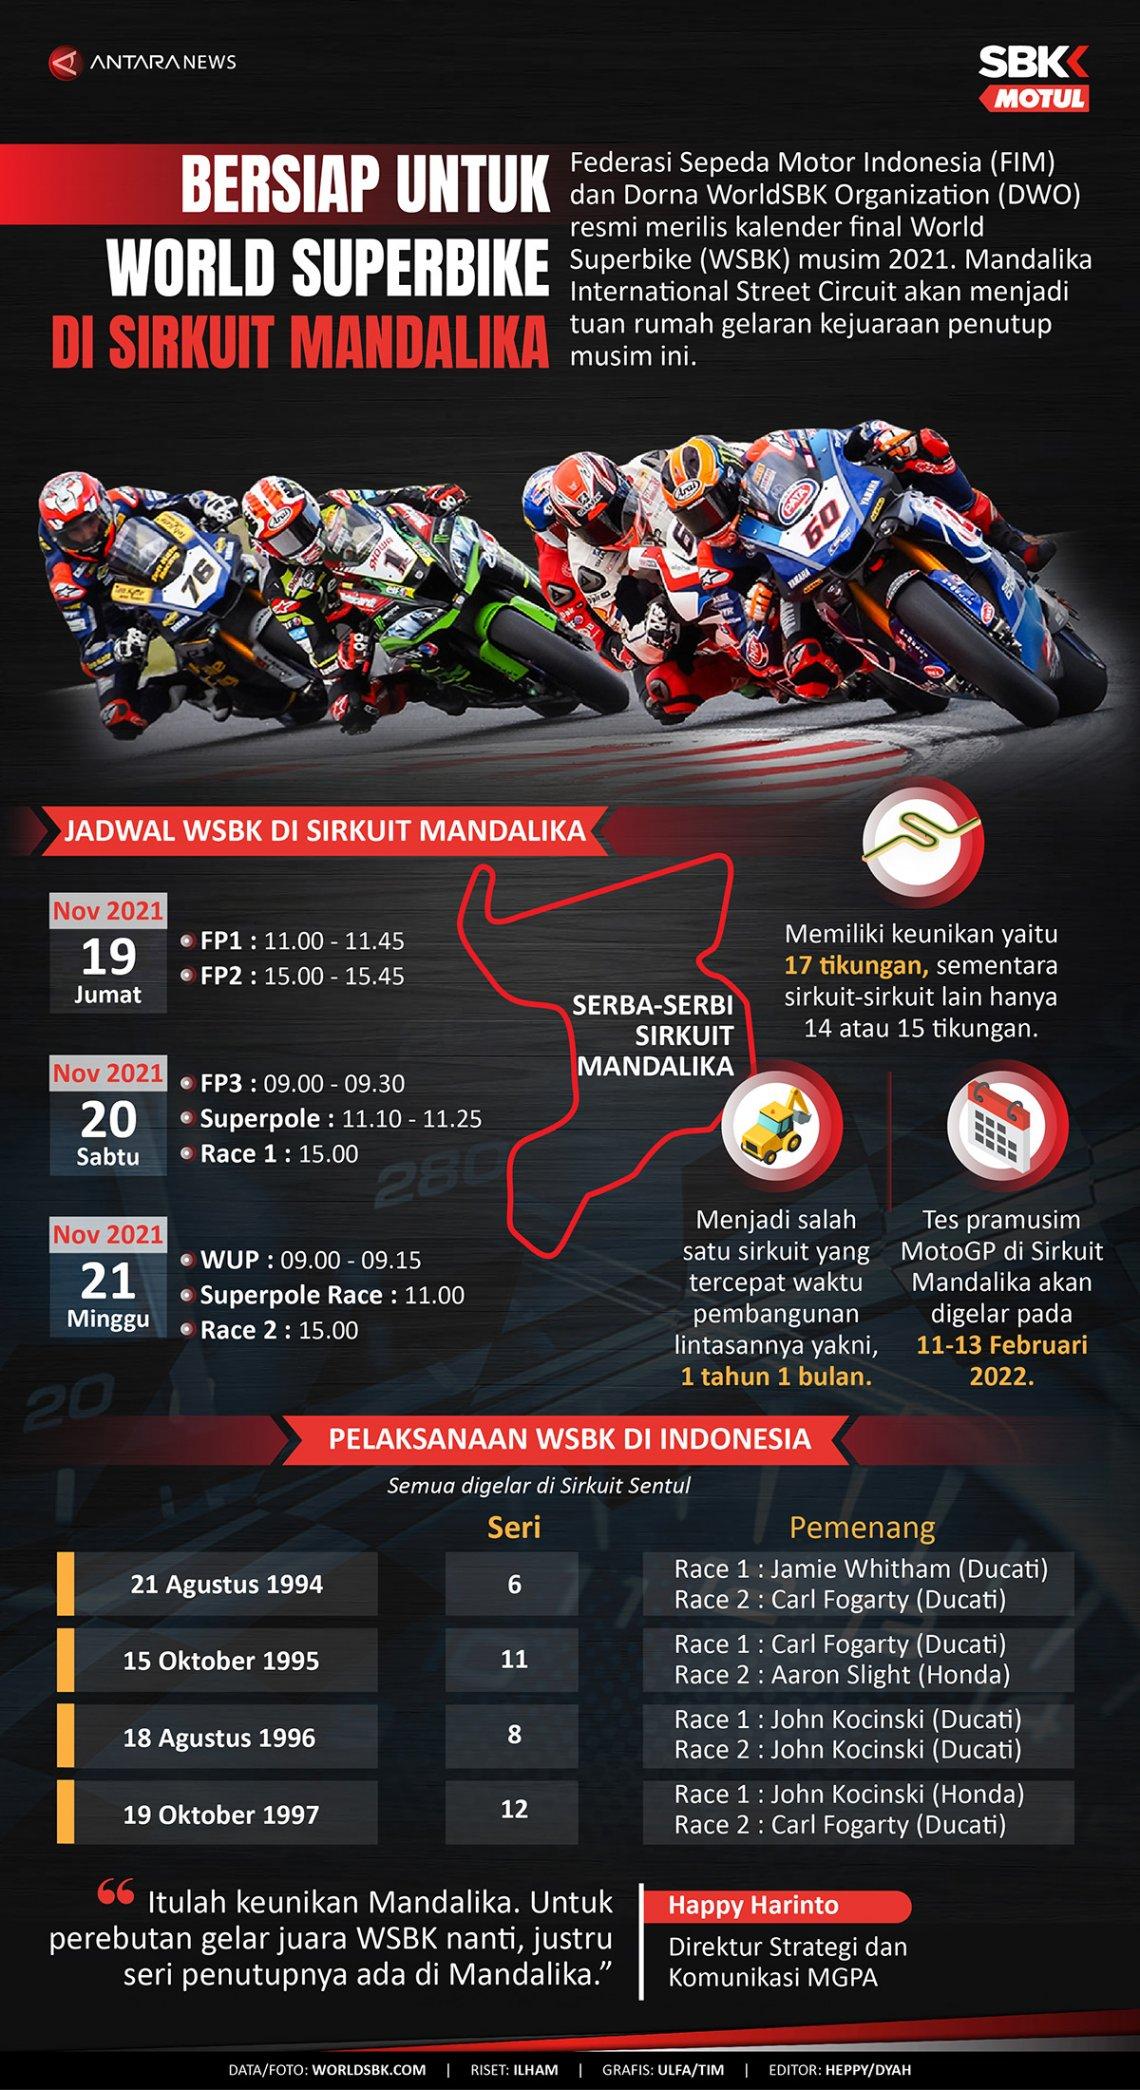 Bersiap untuk World Superbike 2021 di Sirkuit Mandalika